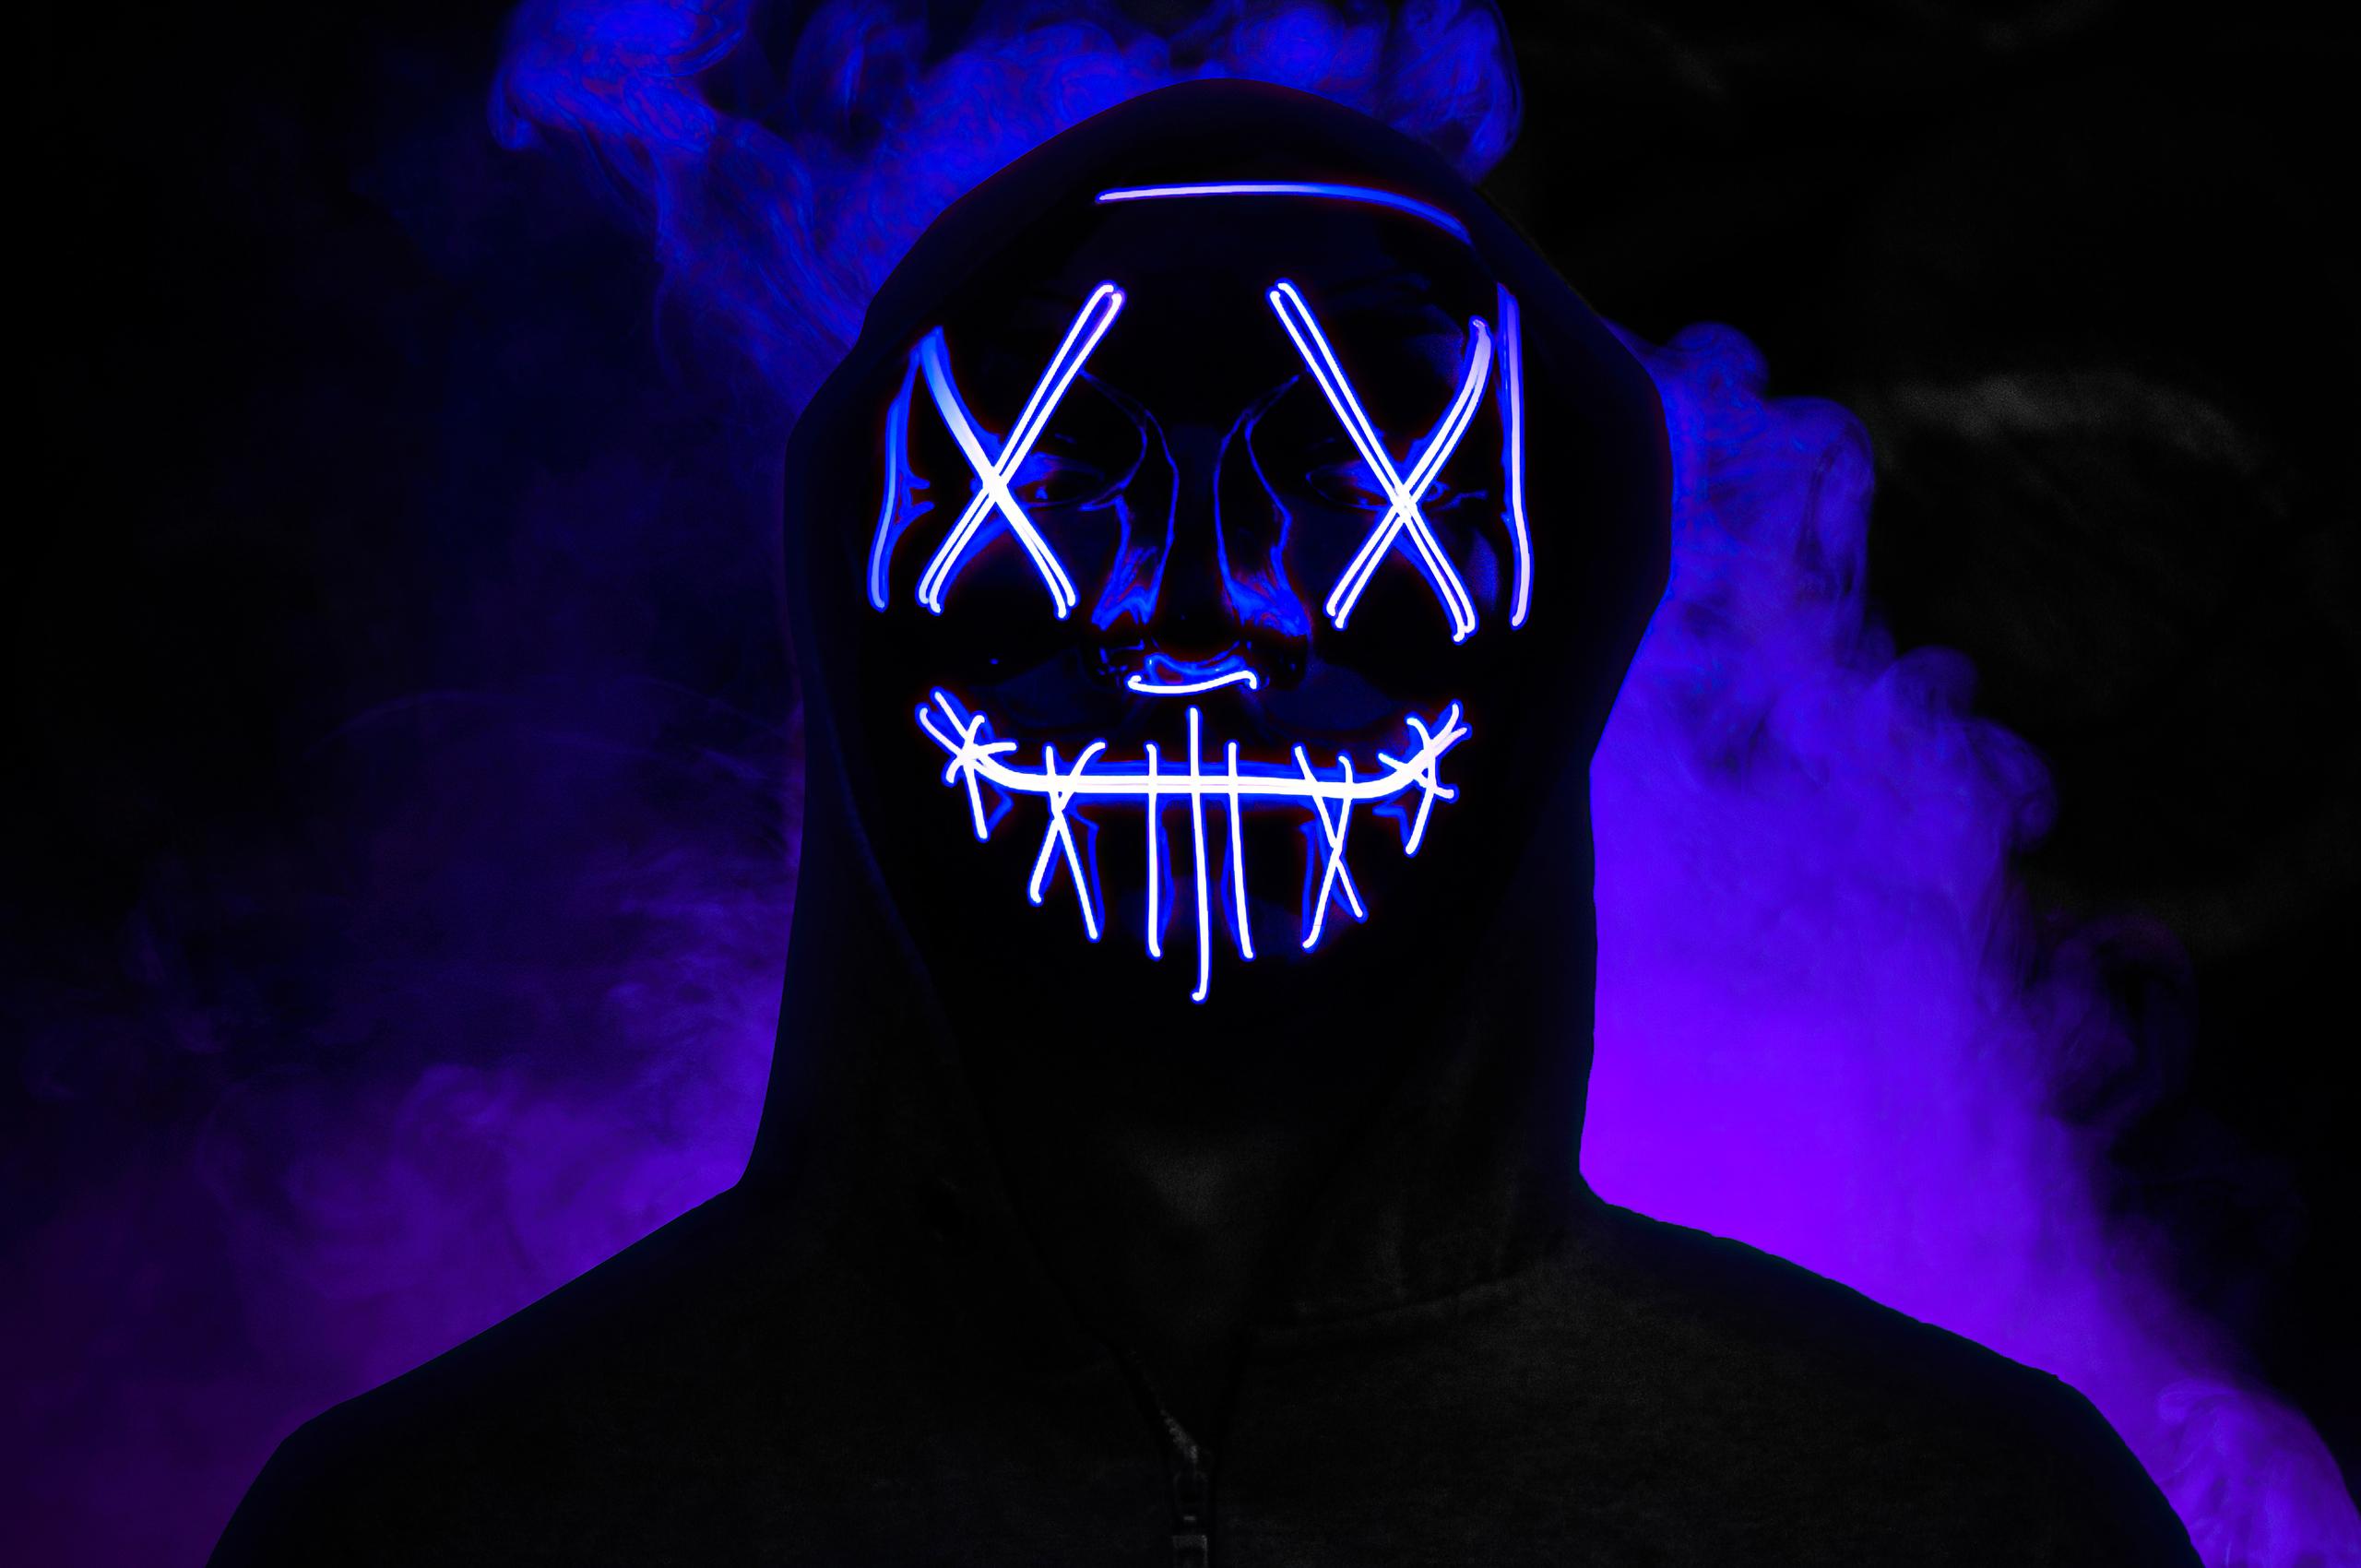 boy-neon-mask-glowing-5k-2s.jpg